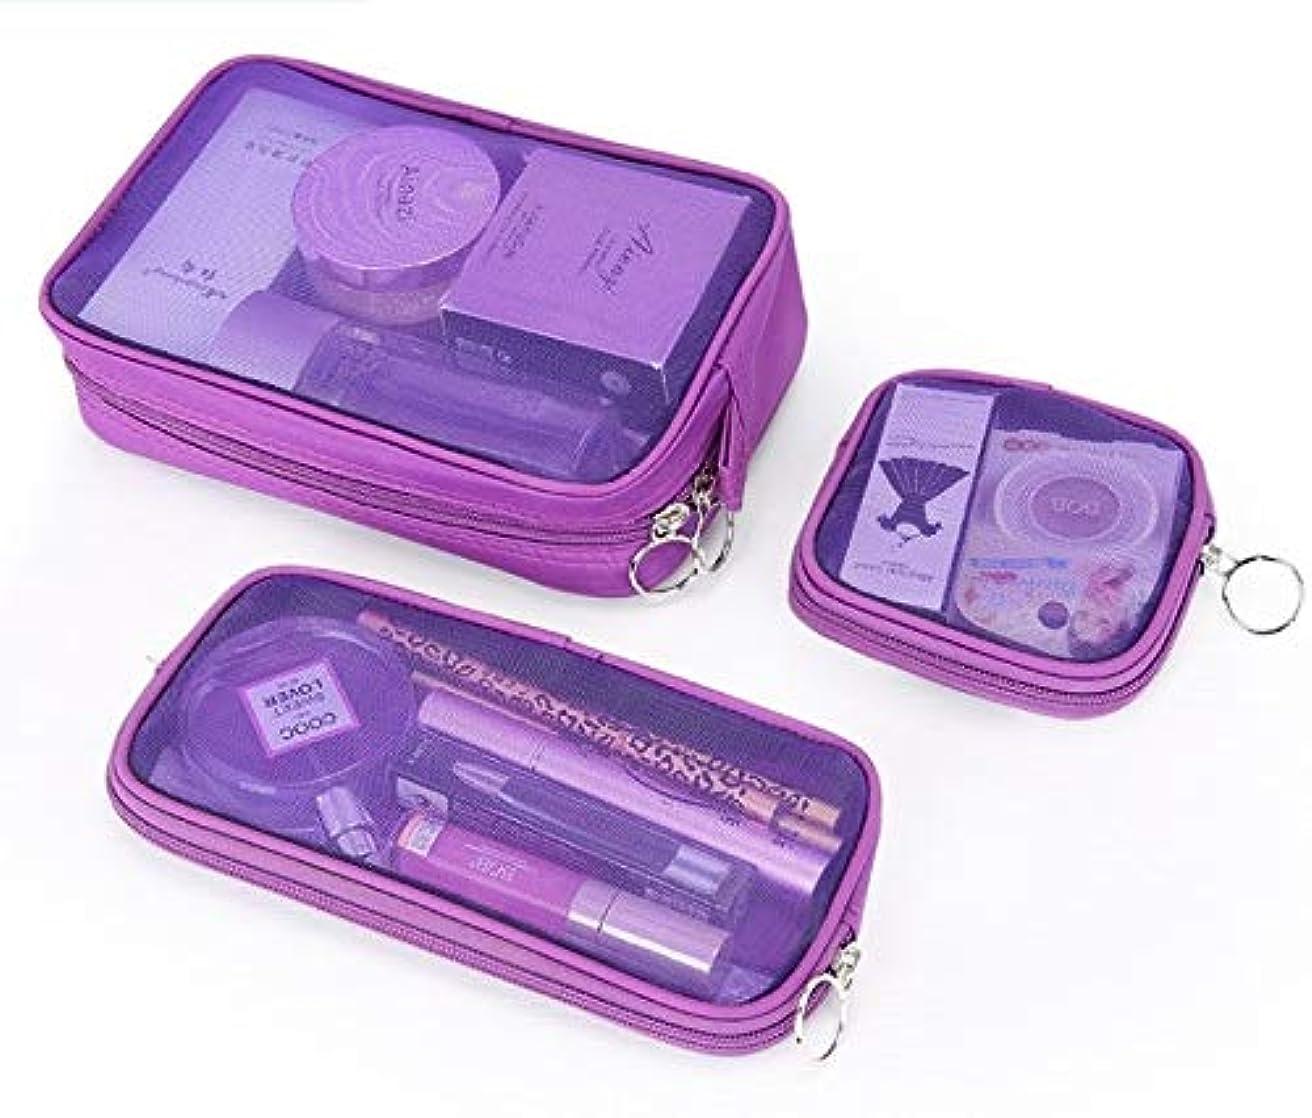 商業の聴覚障害者マットレス化粧箱、3の透明メッシュ化粧品袋セット、ポータブル旅行化粧品袋収納袋、美容ネイルジュエリー収納ボックス (Color : Purple)